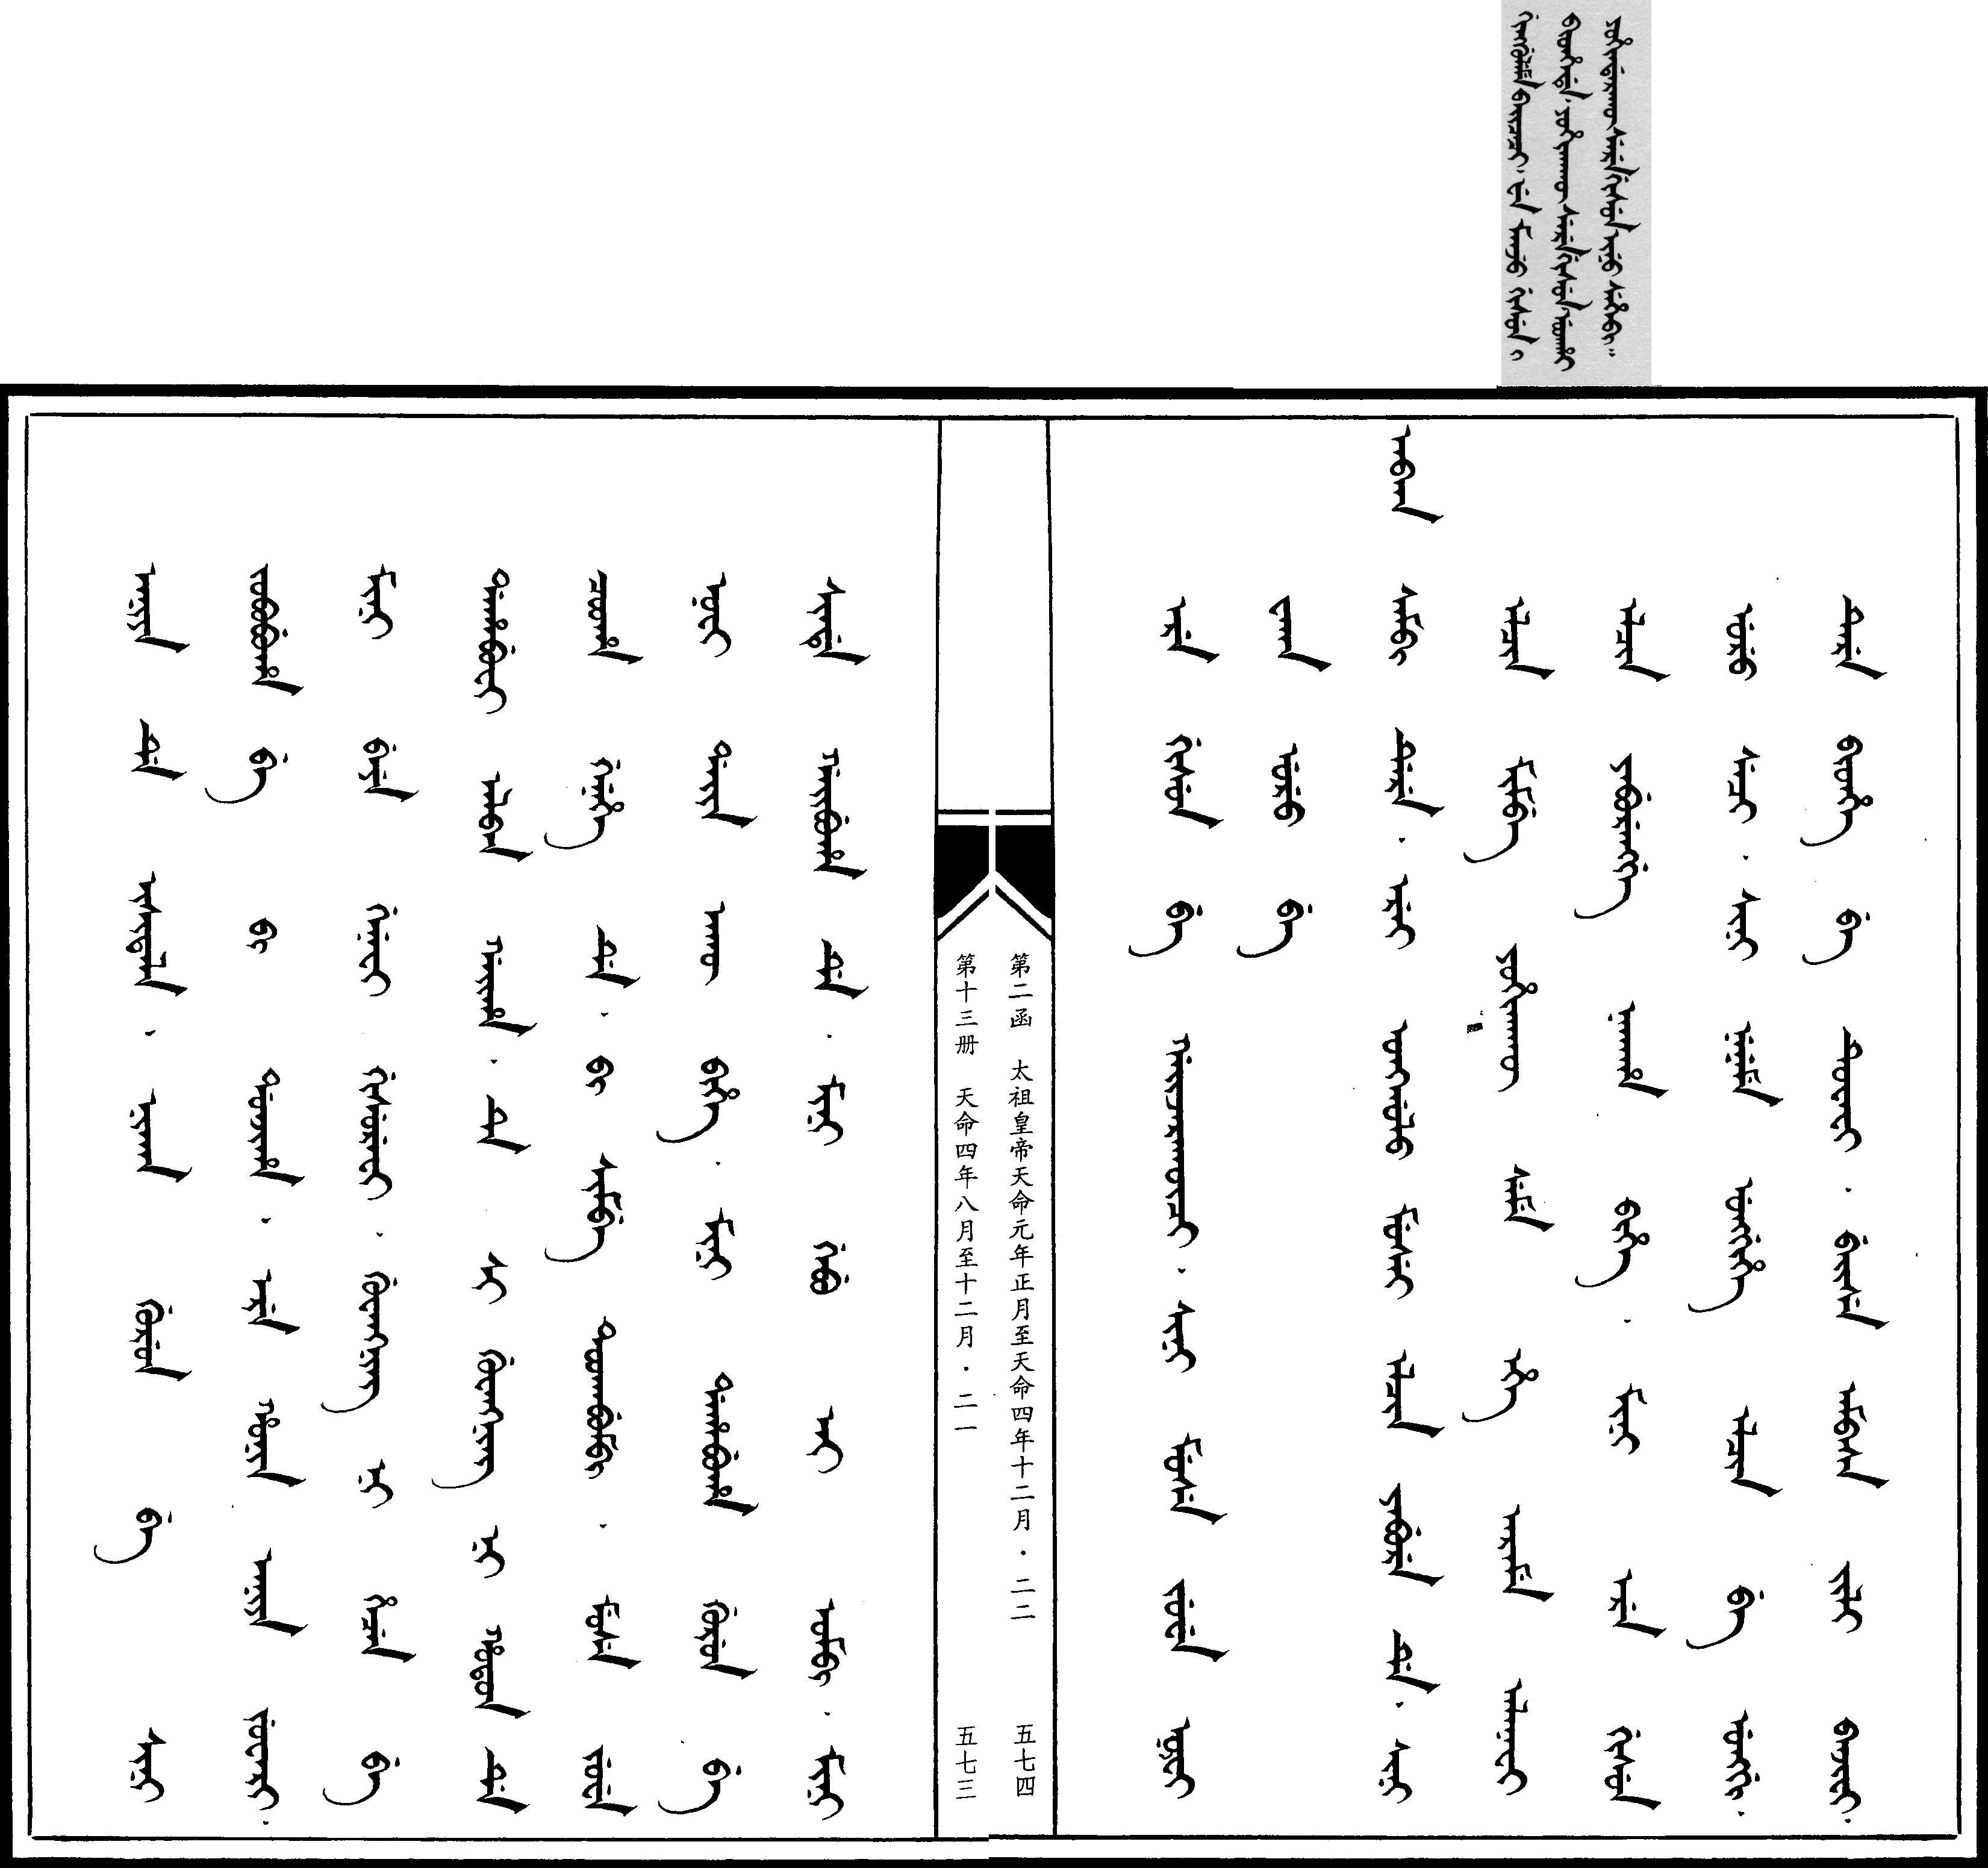 만주어 만문노당 269부-자칭 칭기스칸 린단칸의 협박!